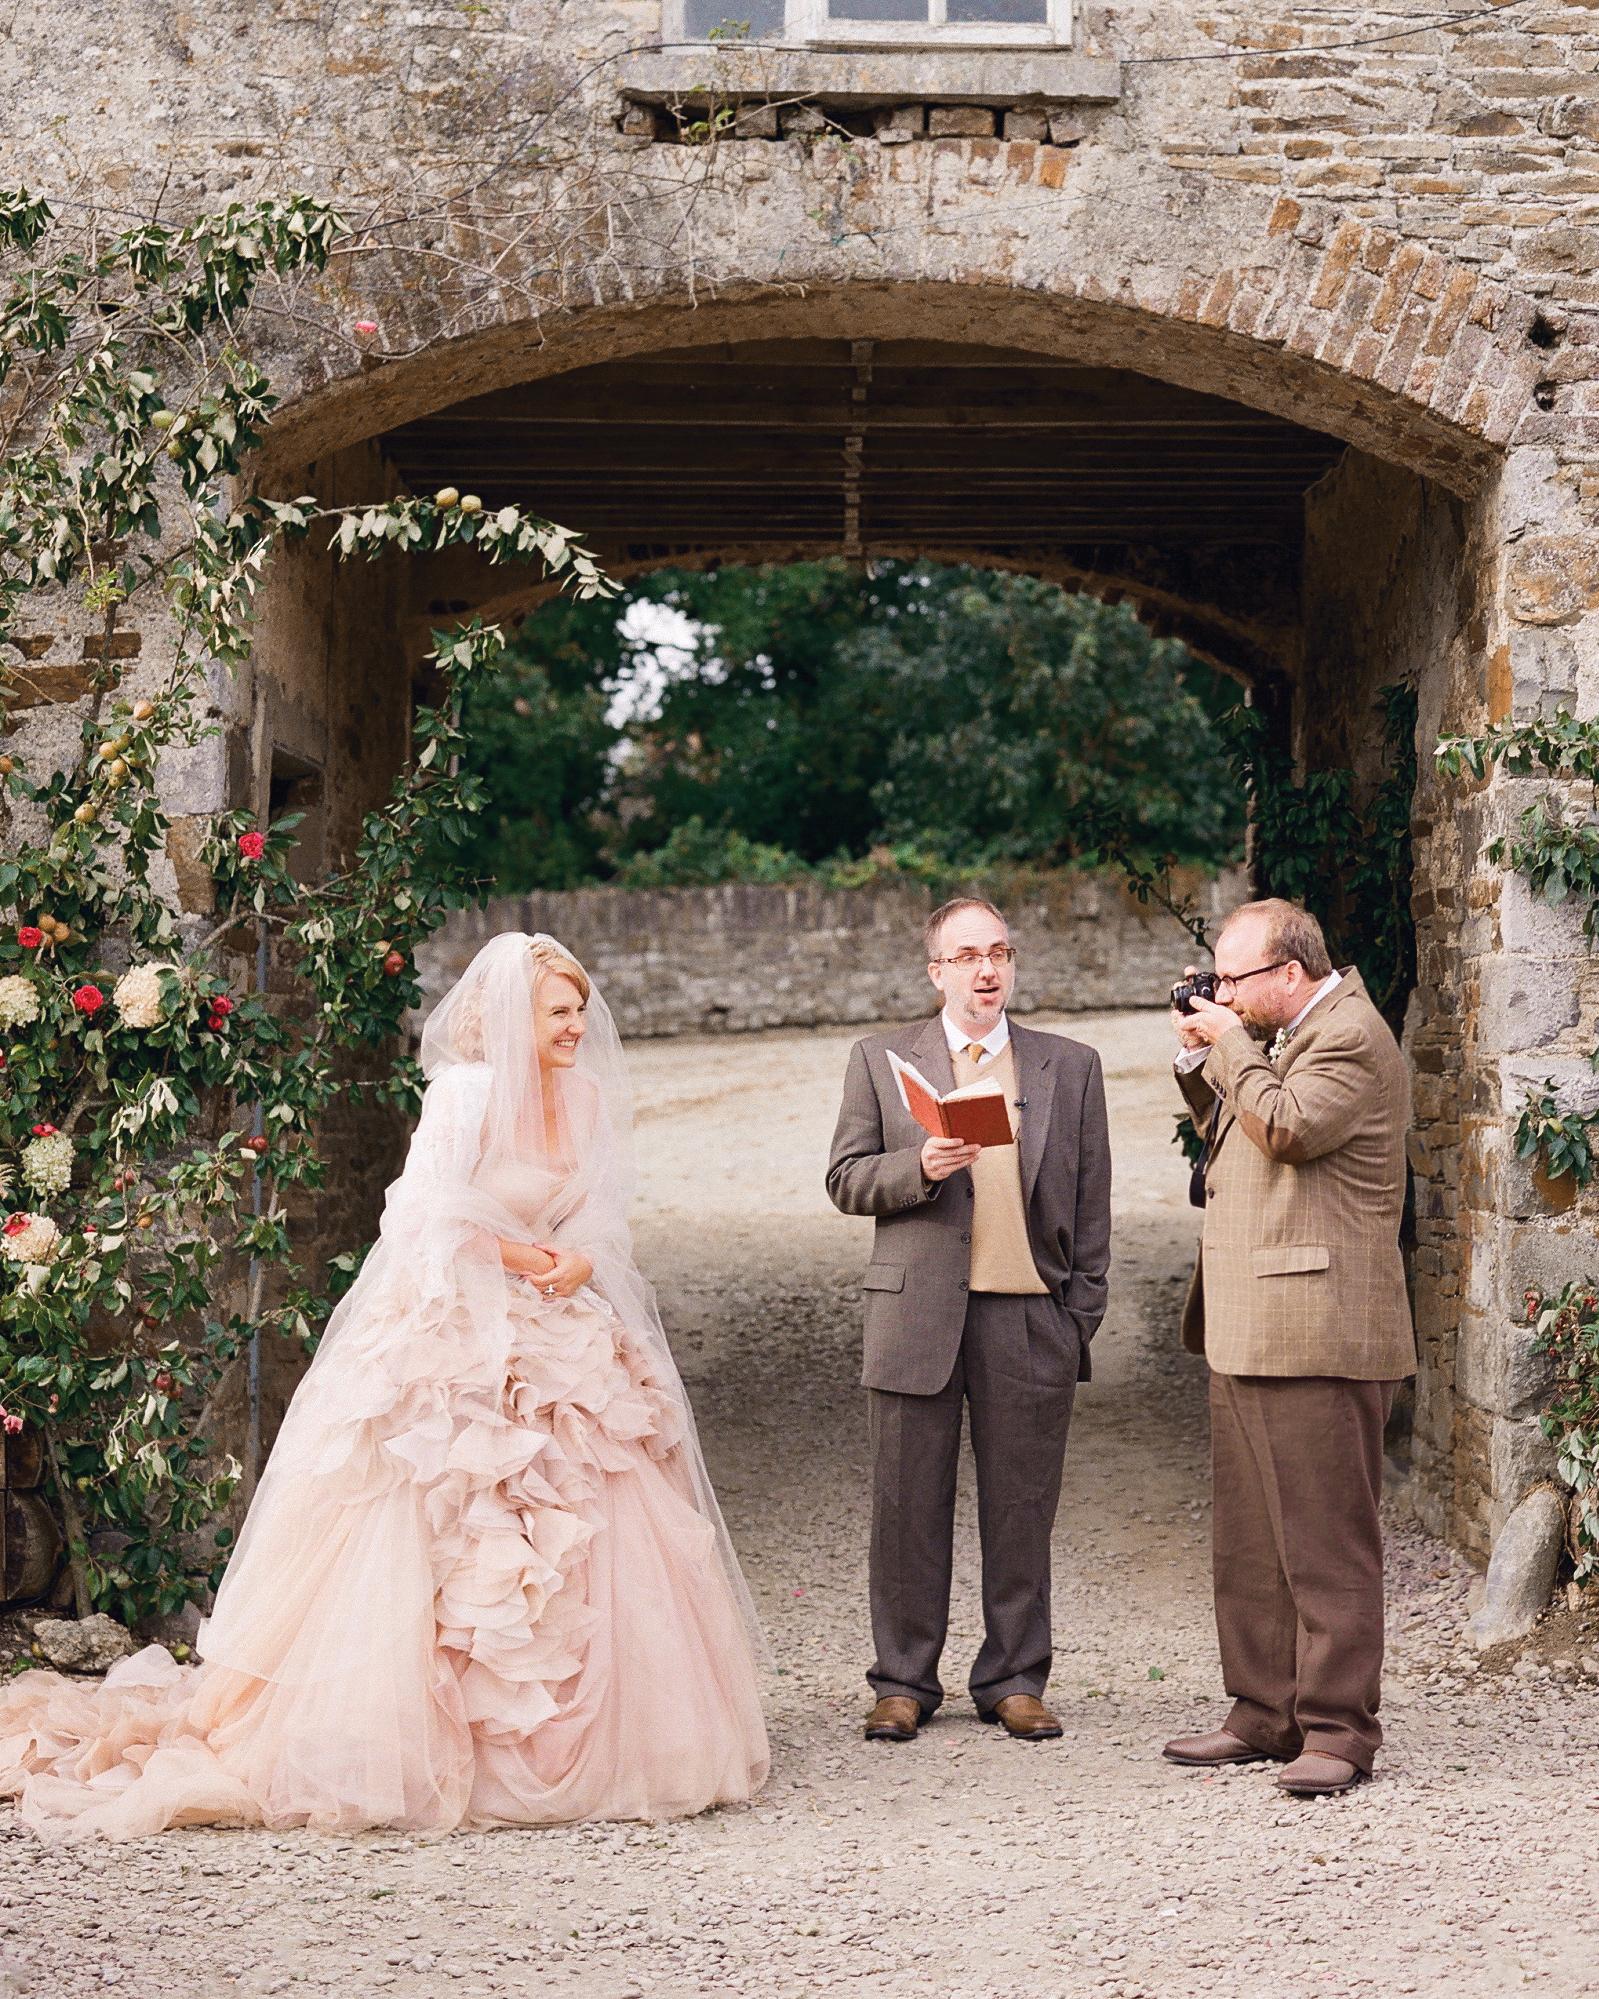 corbin-thatcher-vows-1369-mwds109911.jpg